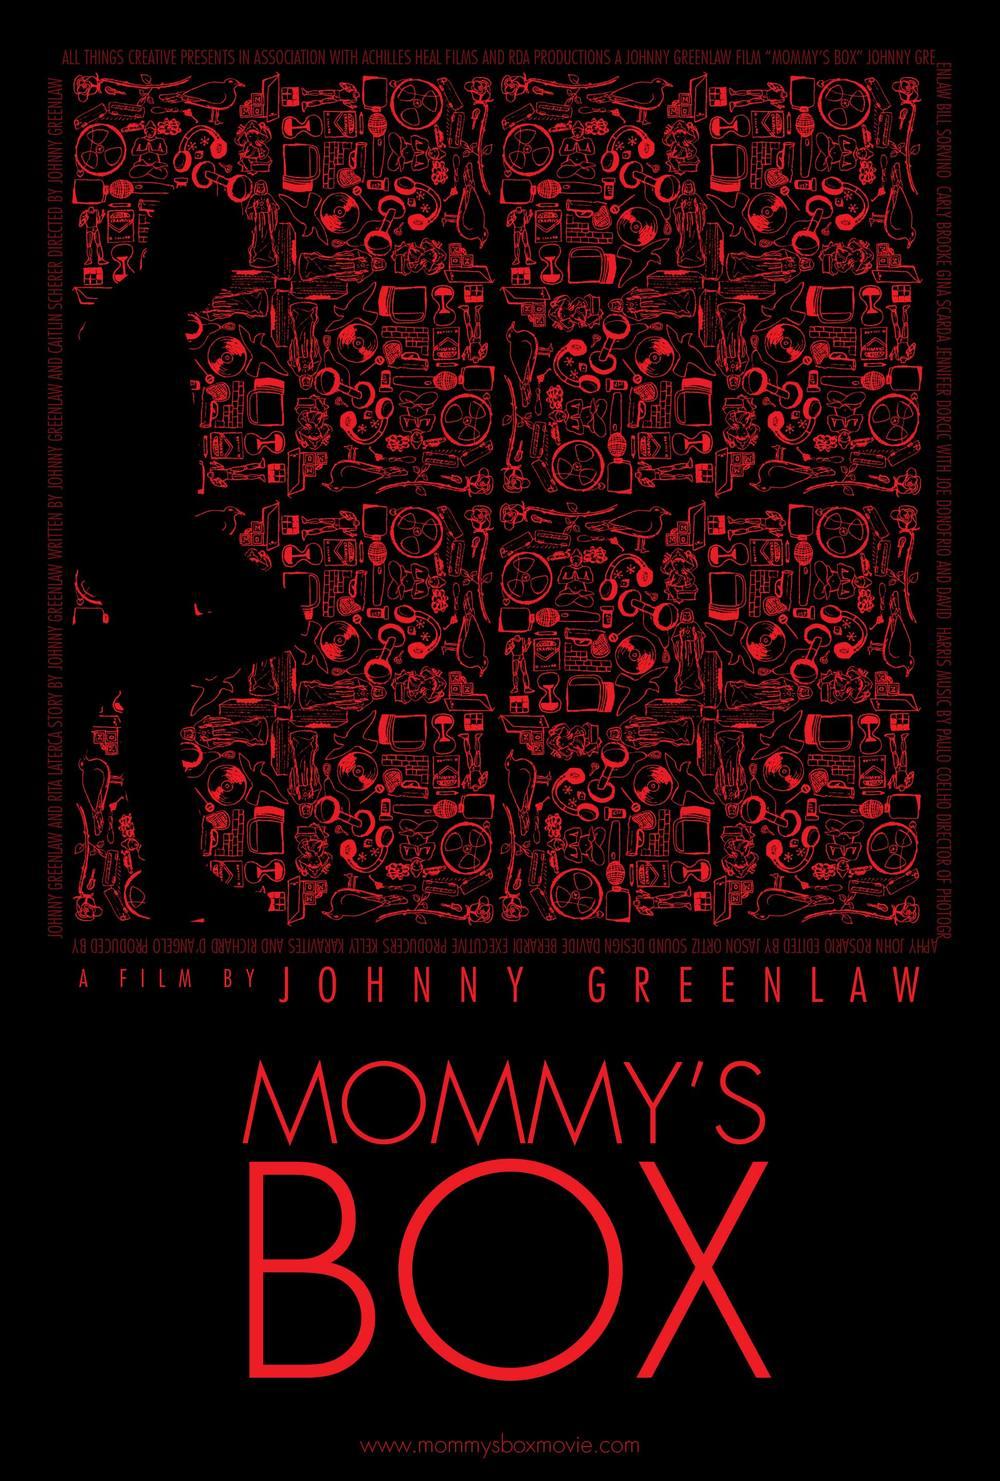 mommysboxposter.jpg